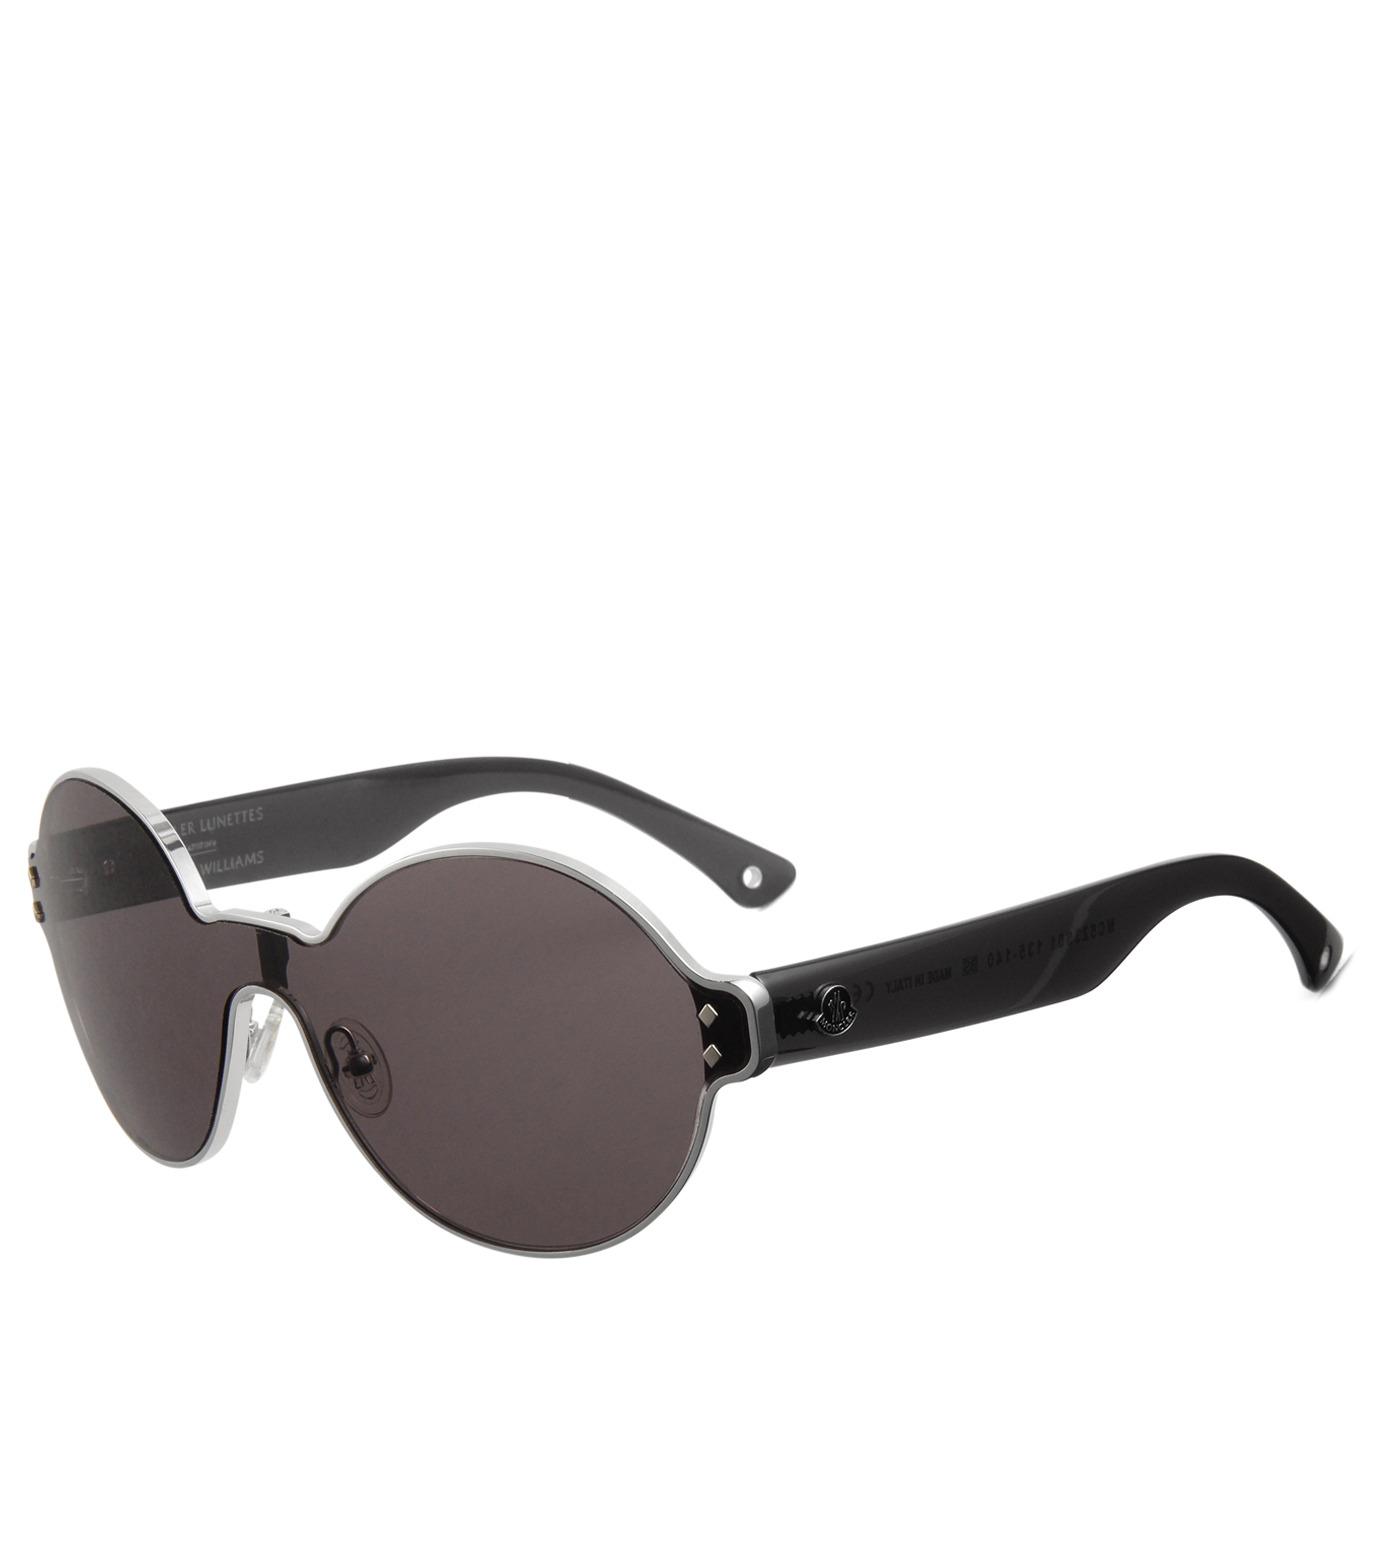 Moncler Eyewear(モンクレールアイウェア)のEYEWEAR-BLACK(アイウェア/eyewear)-MC523-13 拡大詳細画像1